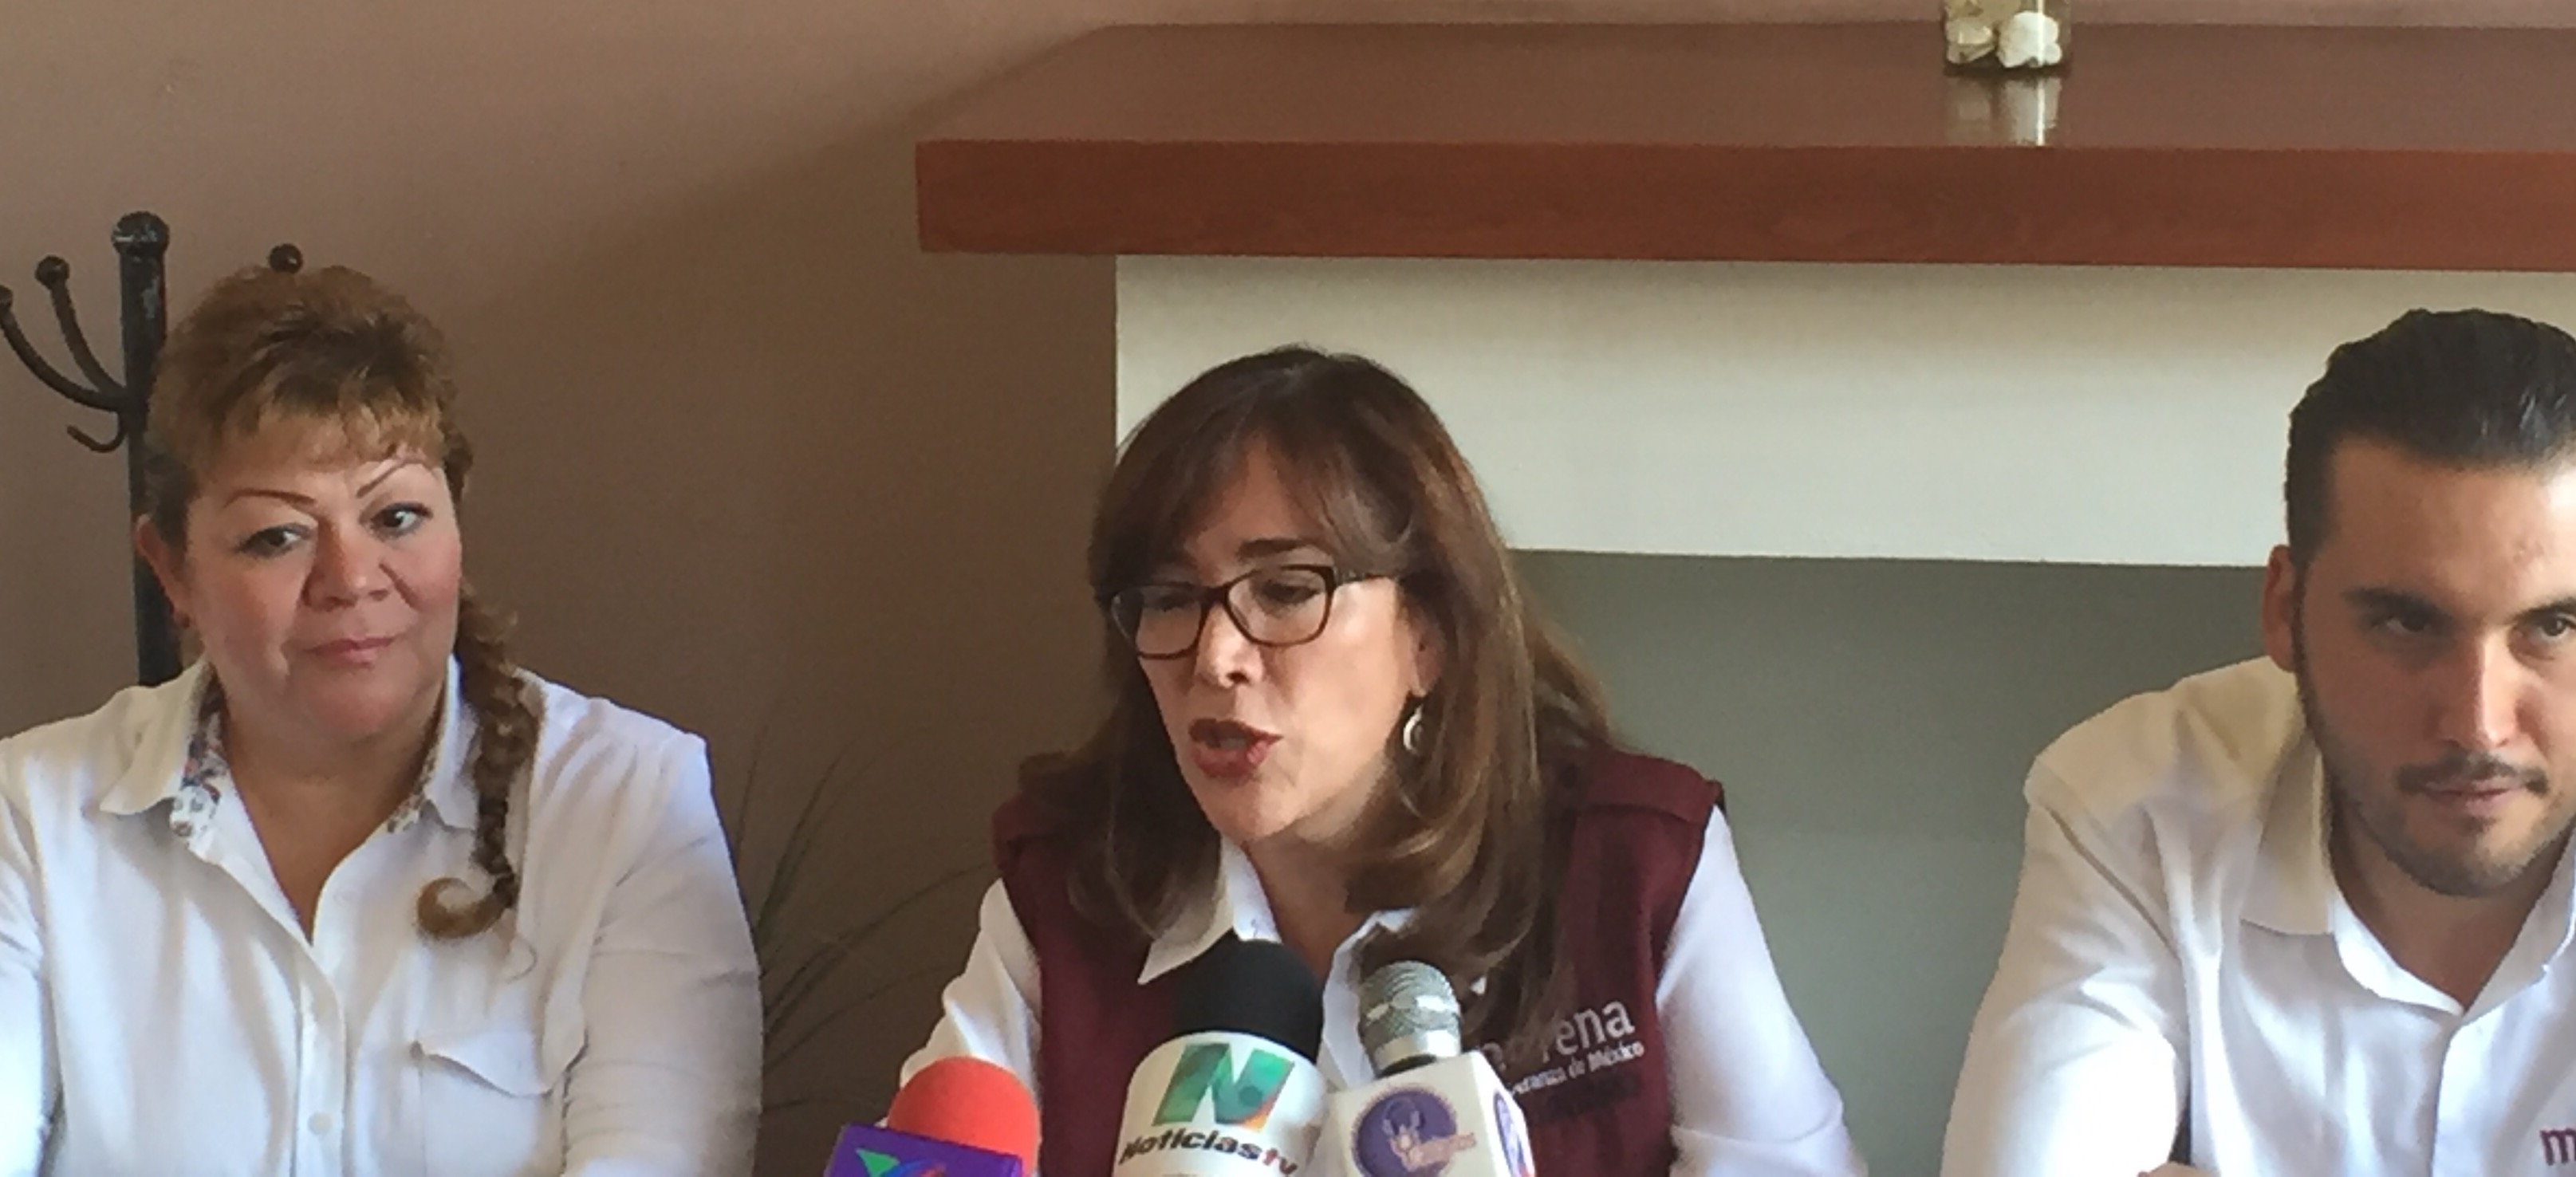 Abrirá MORENA juicio político contra consejeros del INE